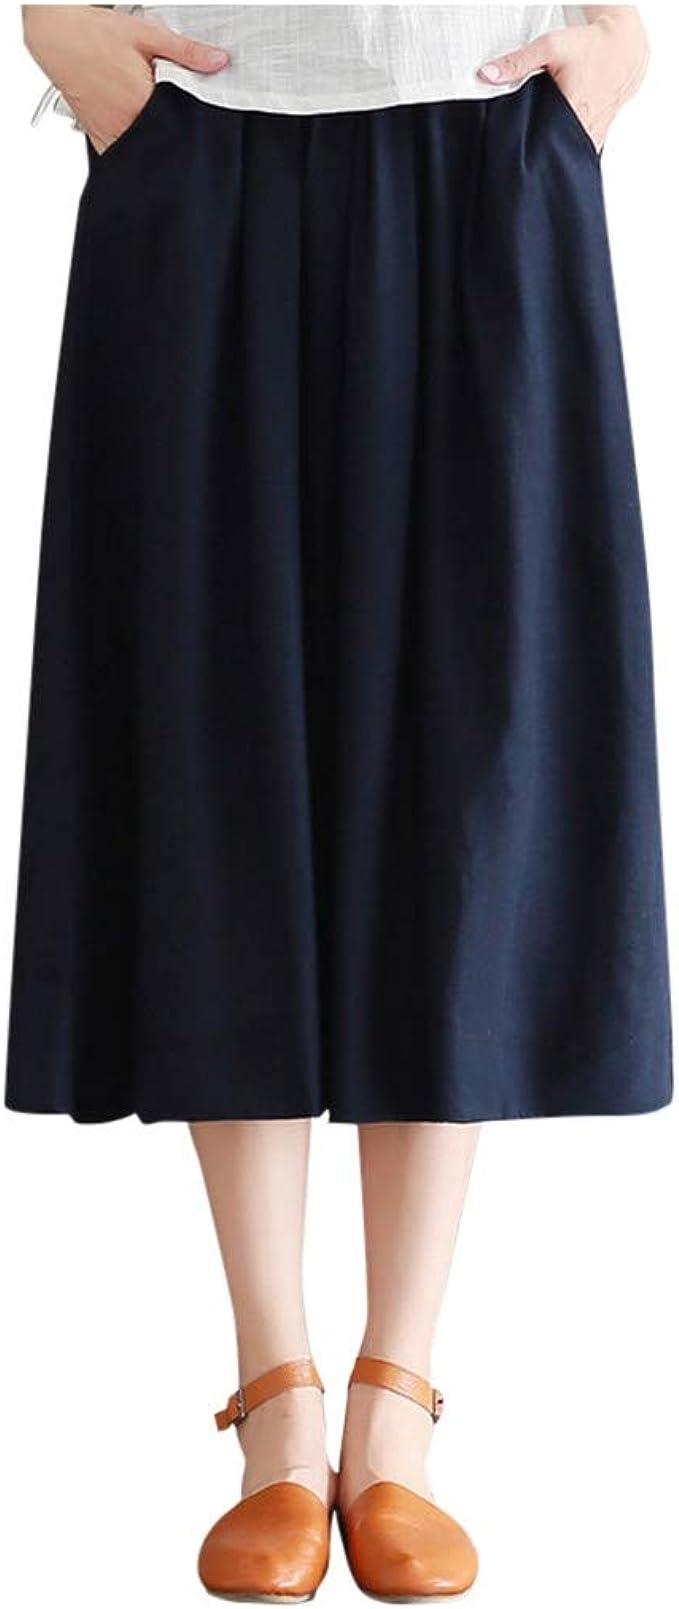 Sylar Falda Larga Mujer Faldas De Fiesta Elegantes Casual Cintura Elástica Faldas De Algodón Y Lino Color Sólido Suelta Faldas Mujer Verano Talla única: Amazon.es: Ropa y accesorios